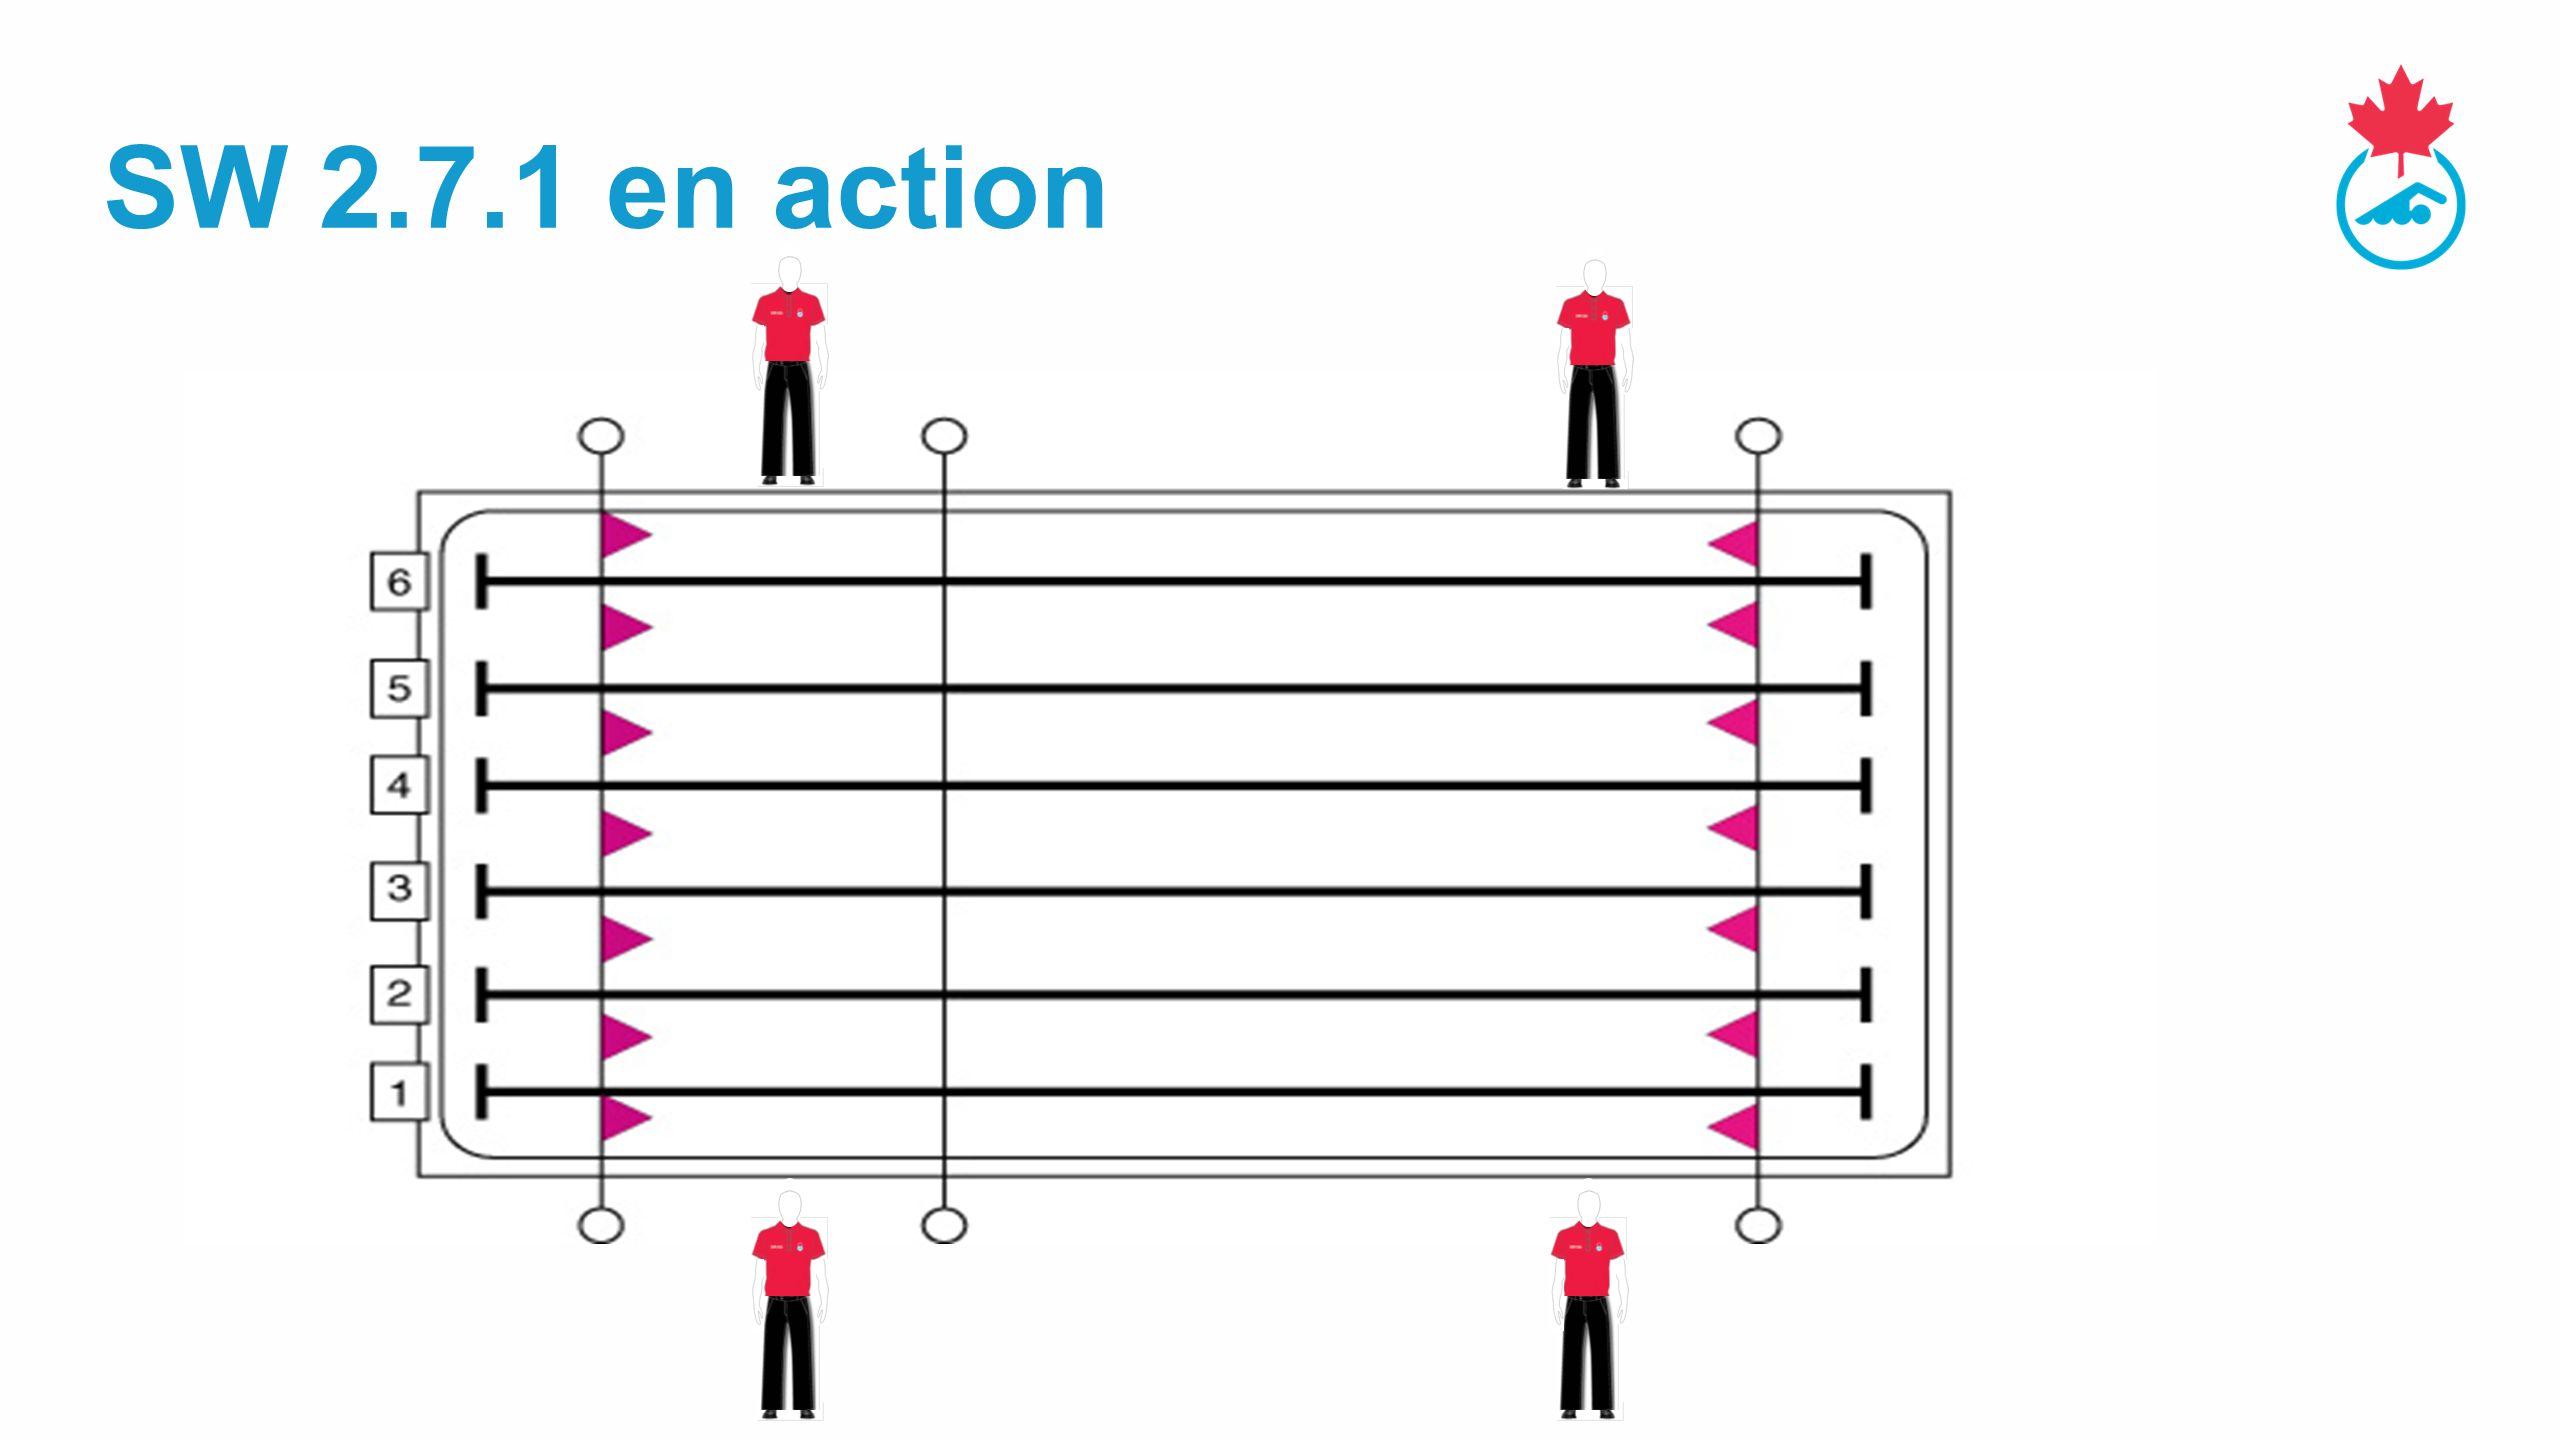 SW 2.7.1 en action RESPONSABLE DU STAGE – Réviser les divergences (c.-à-d./ un juge de chaque côté – compétitions groupes d'âges / novices, etc.)